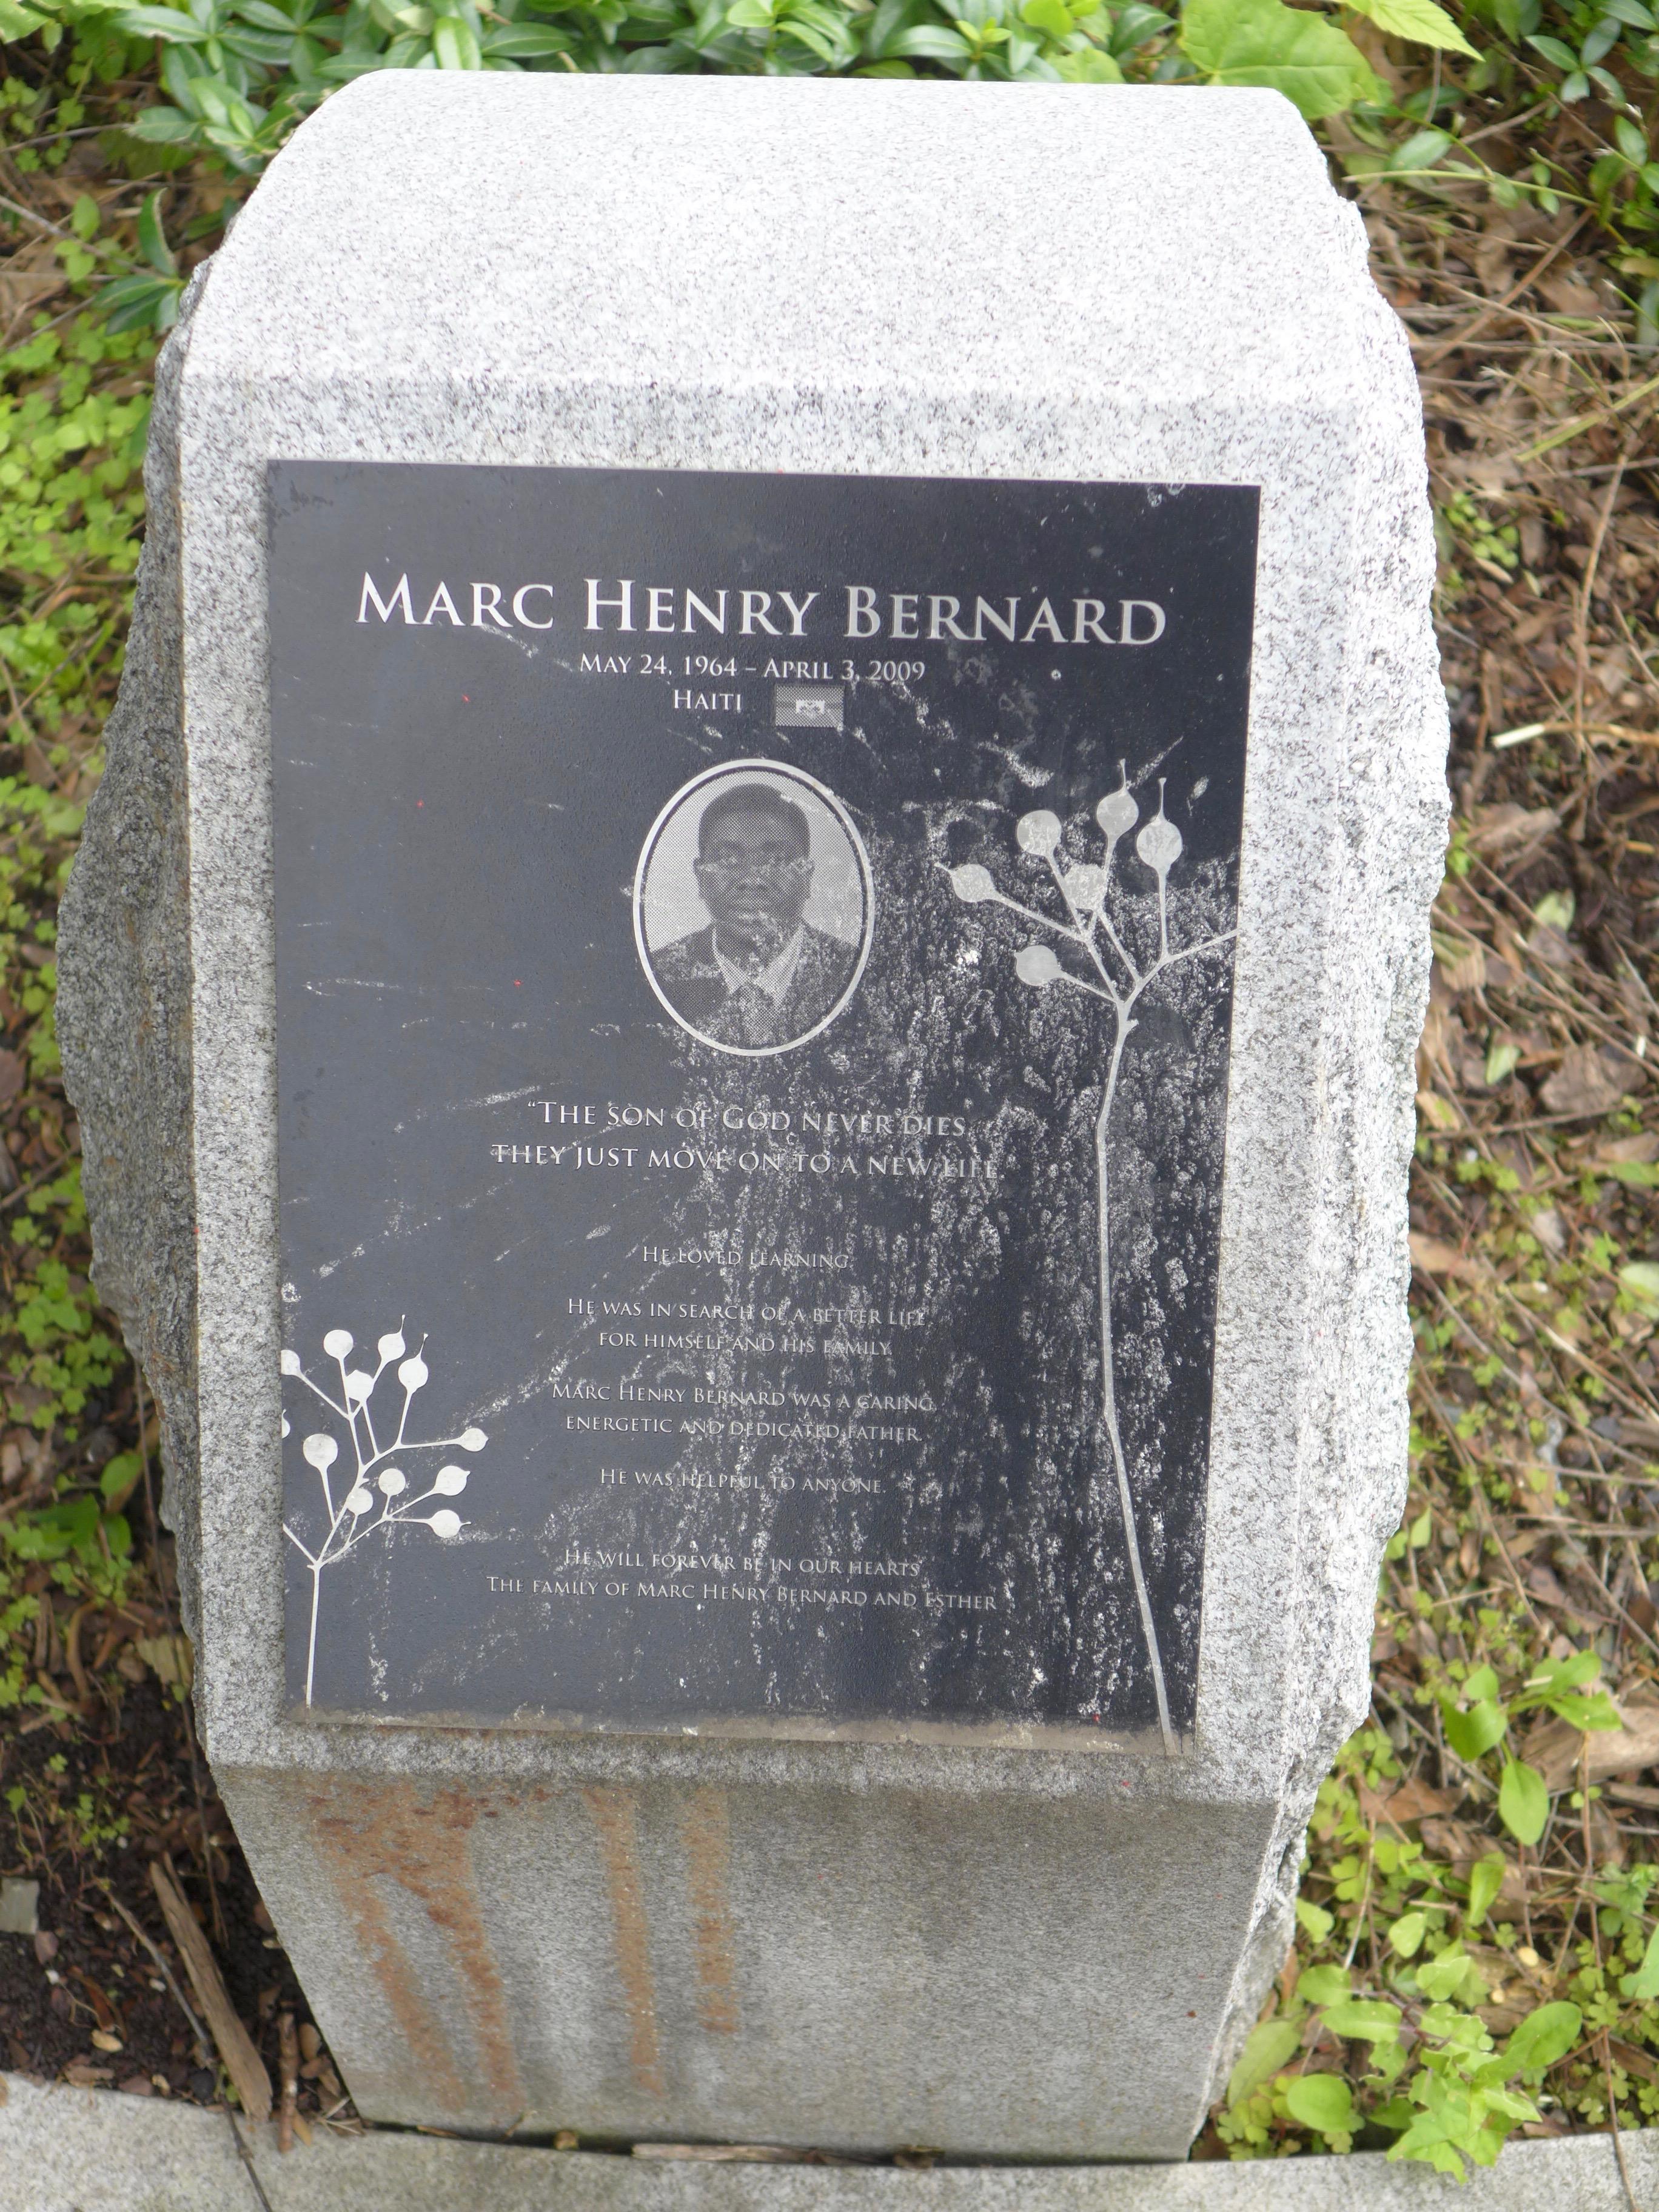 Memorial stone: Marc Henry Bernard / Haiti